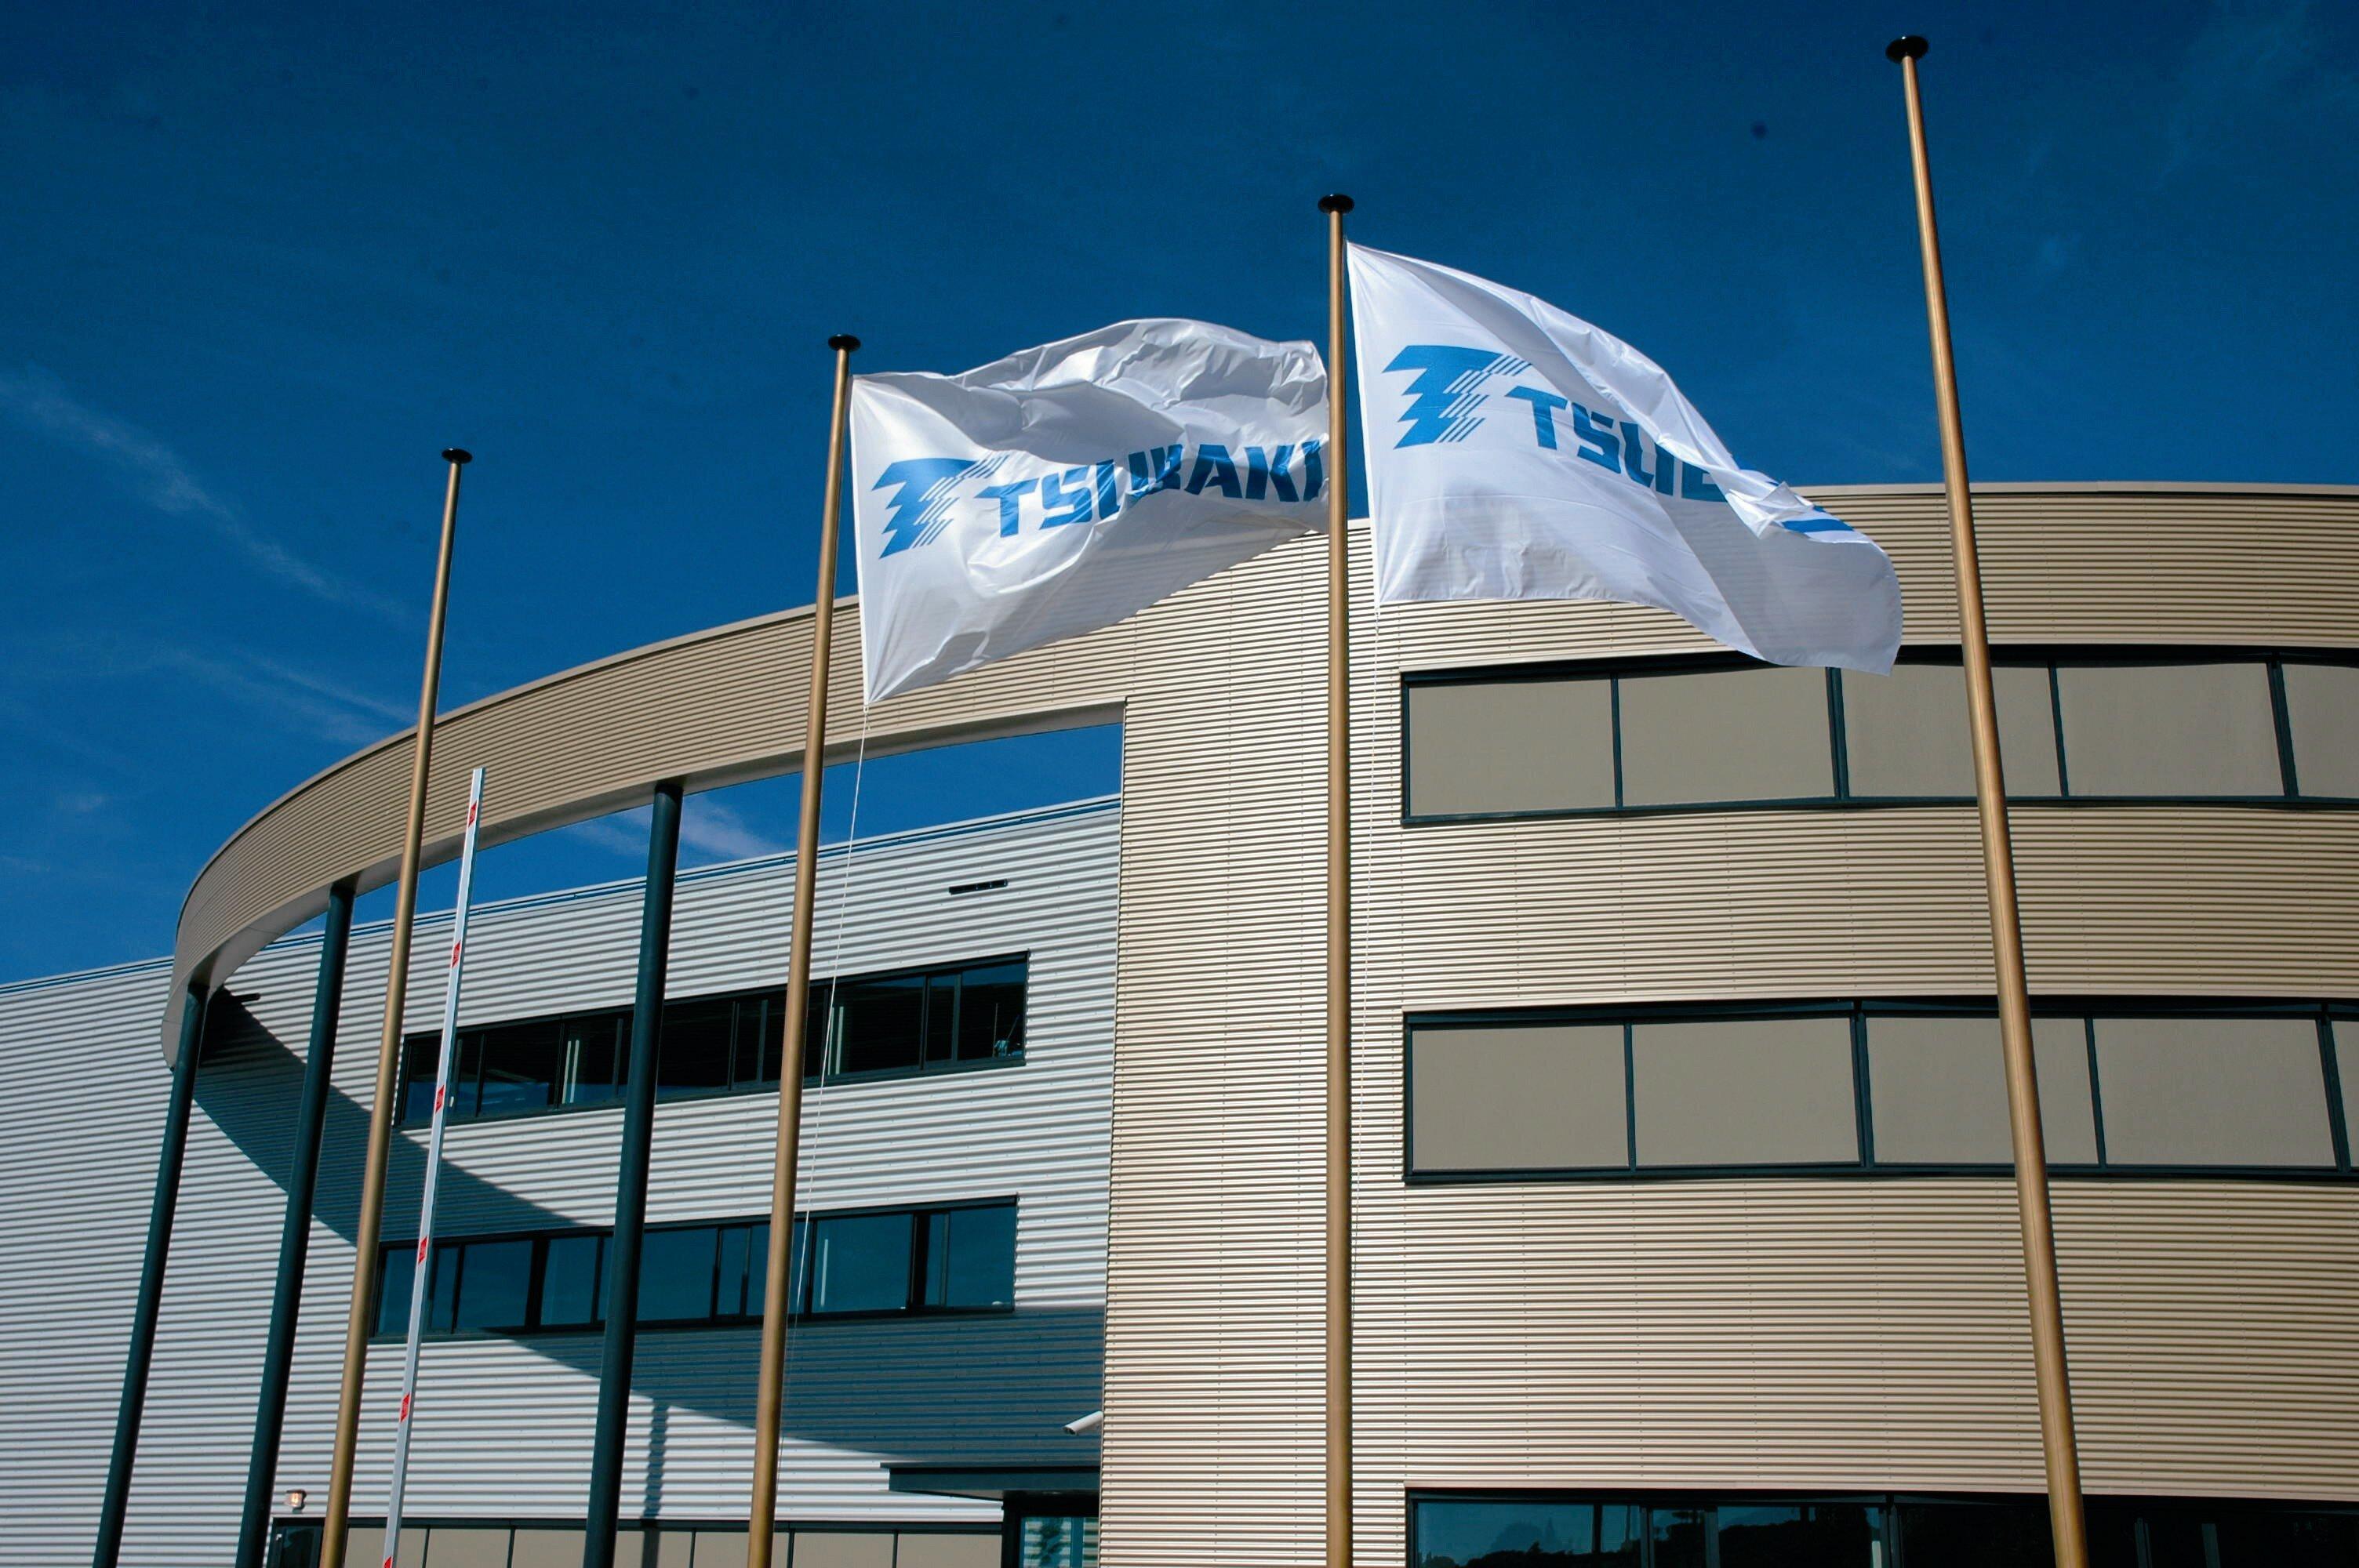 Tsubaki Flags Dordrecht